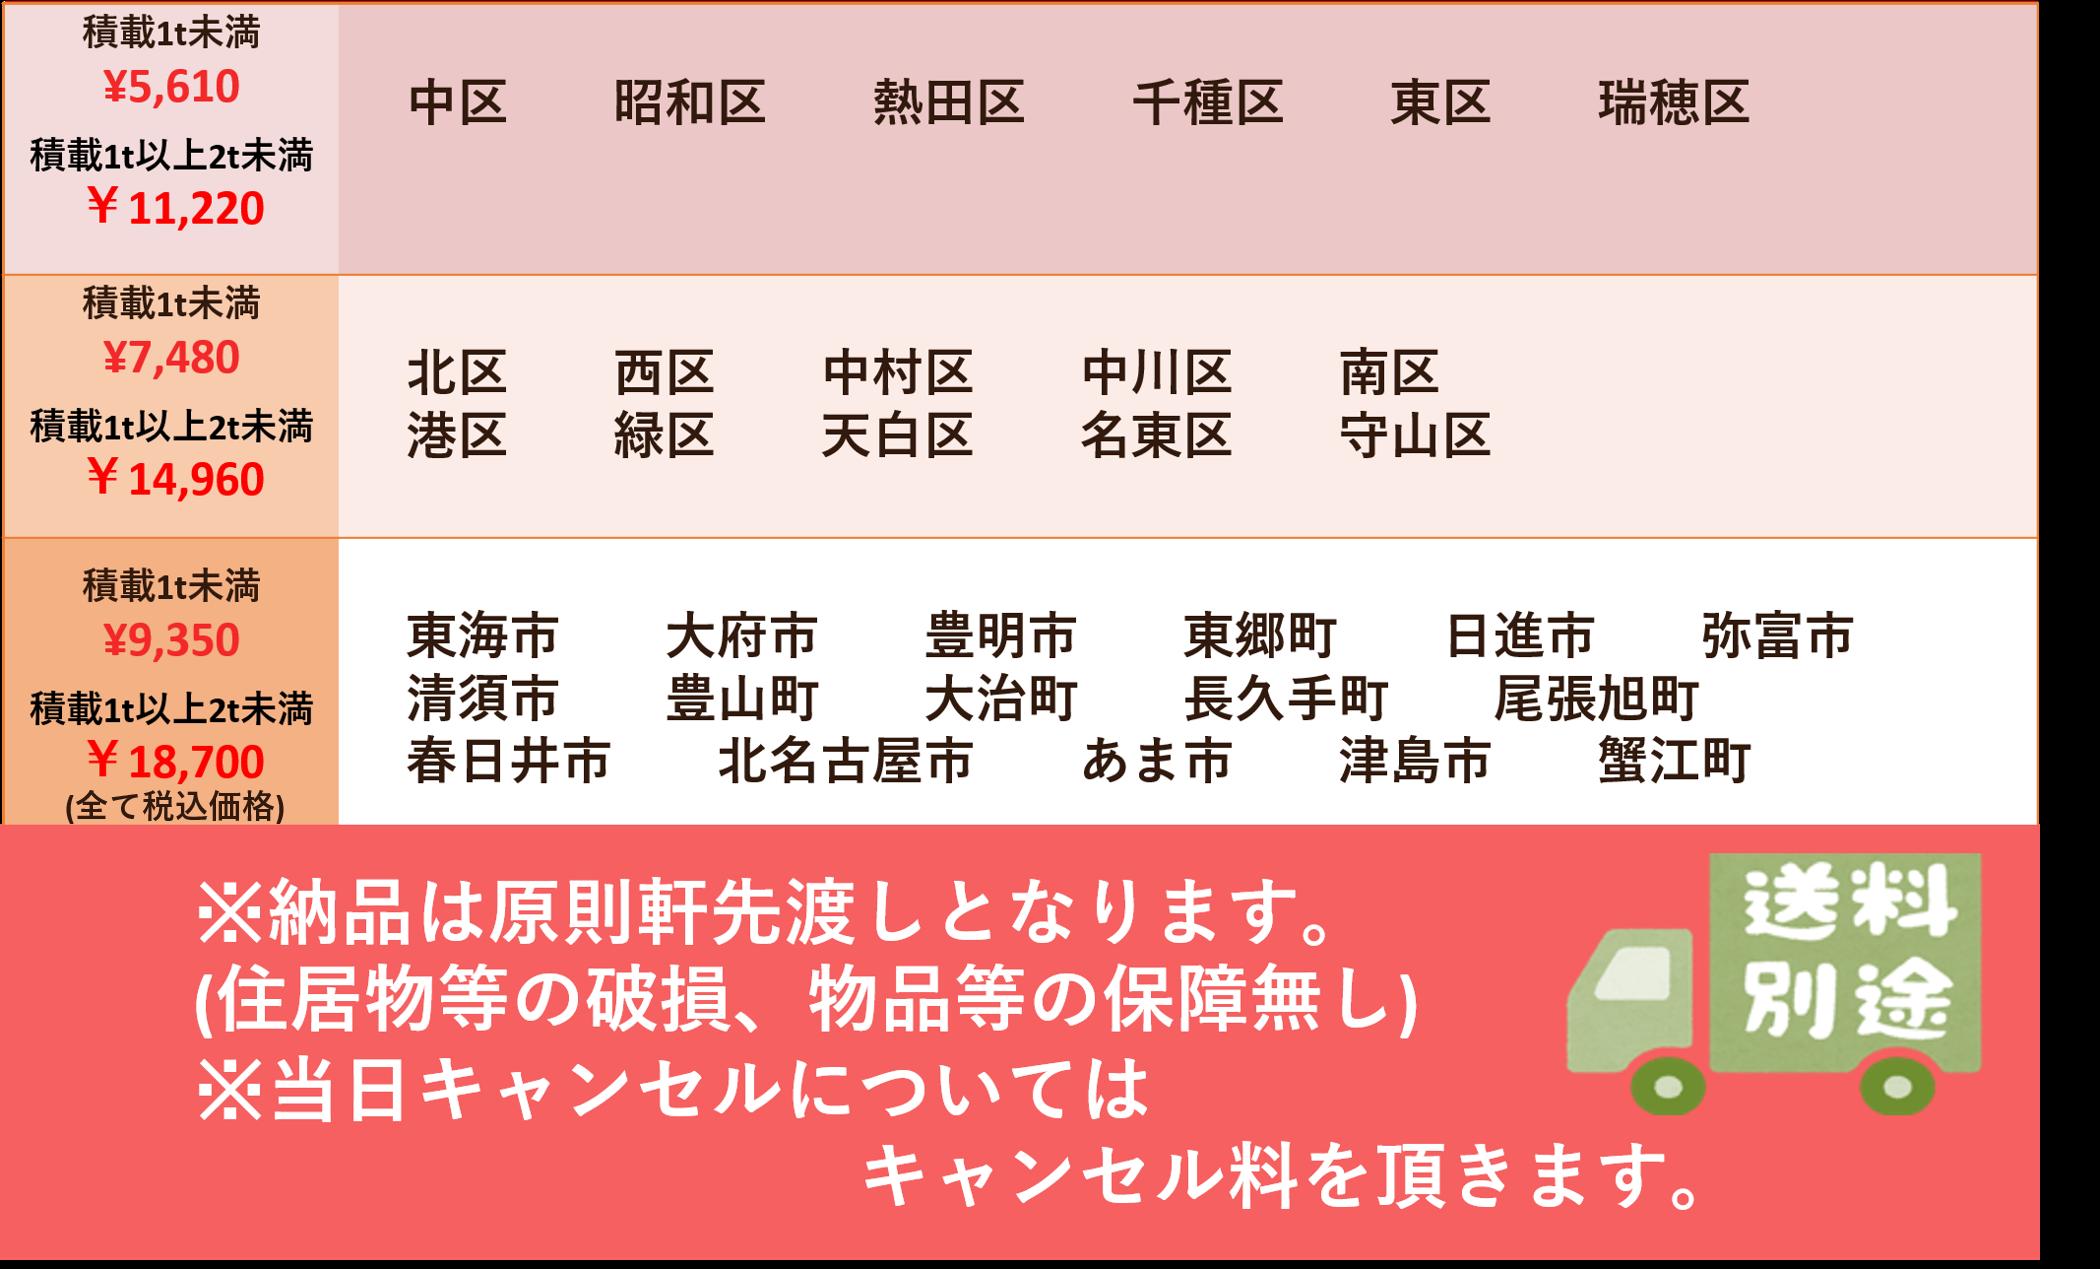 リスタ名古屋店の配送料